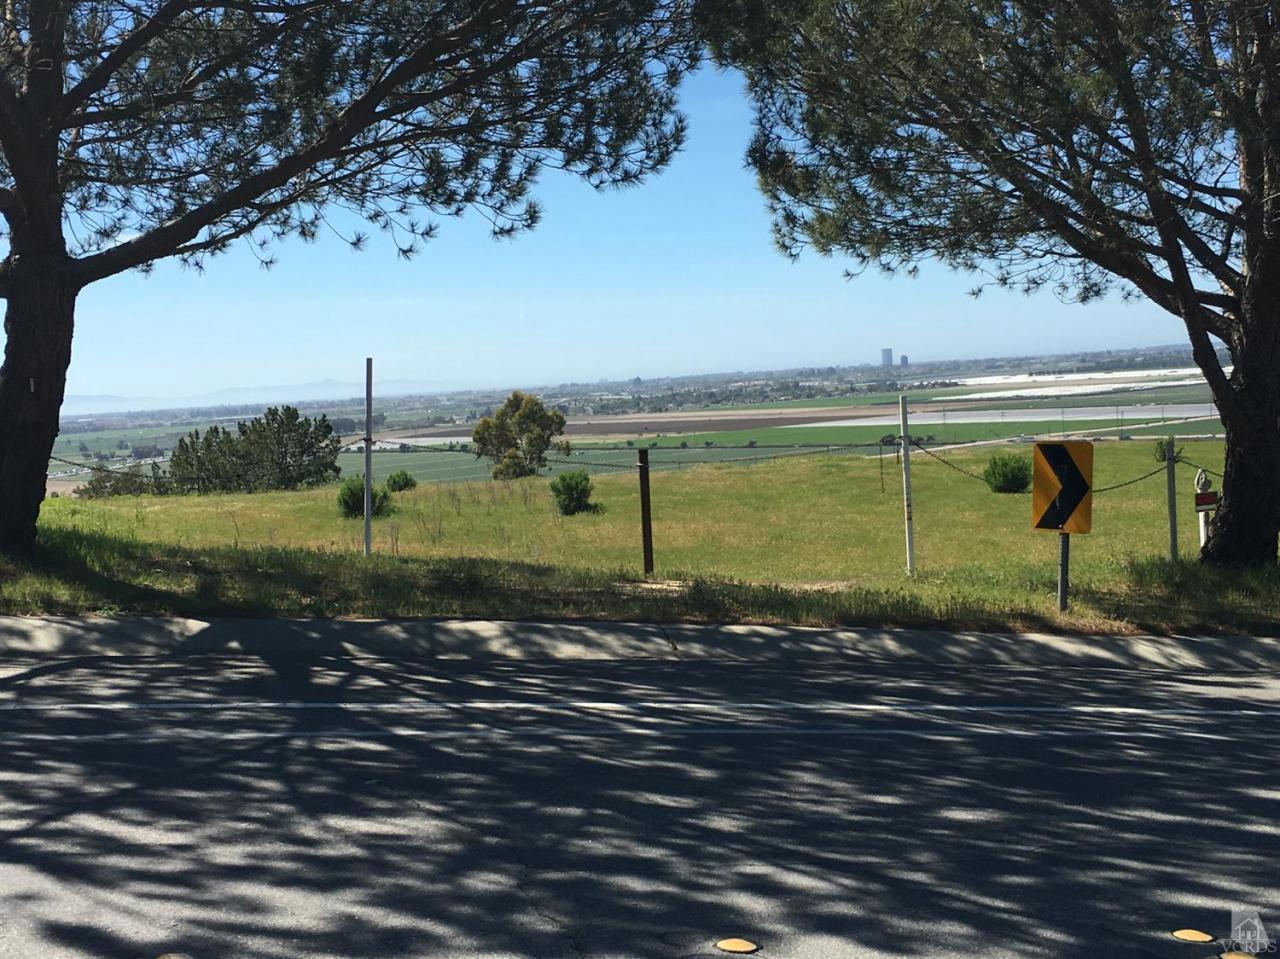 1250 CRESTVIEW, Camarillo, CA 93010 - Primary Photo